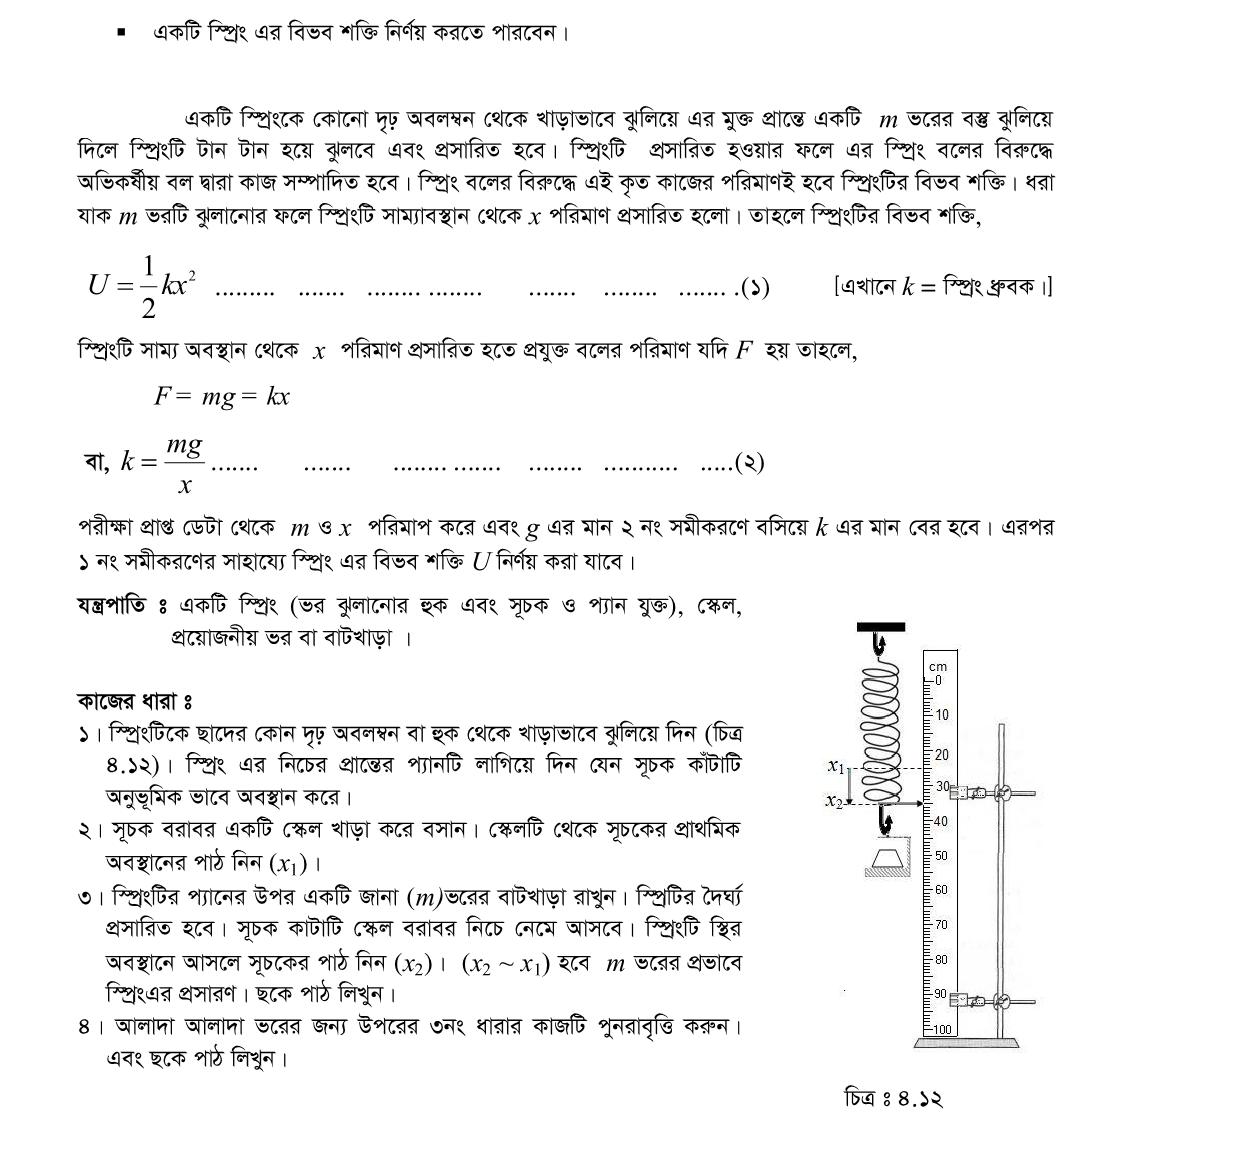 বল প্রয়োগে বস্তুর সরণের মান পরিবর্তন ছাড়া কাজ নিরূপণ সম্ভব নয়, ব্যাখ্যা কর https://www.banglanewsexpress.com/